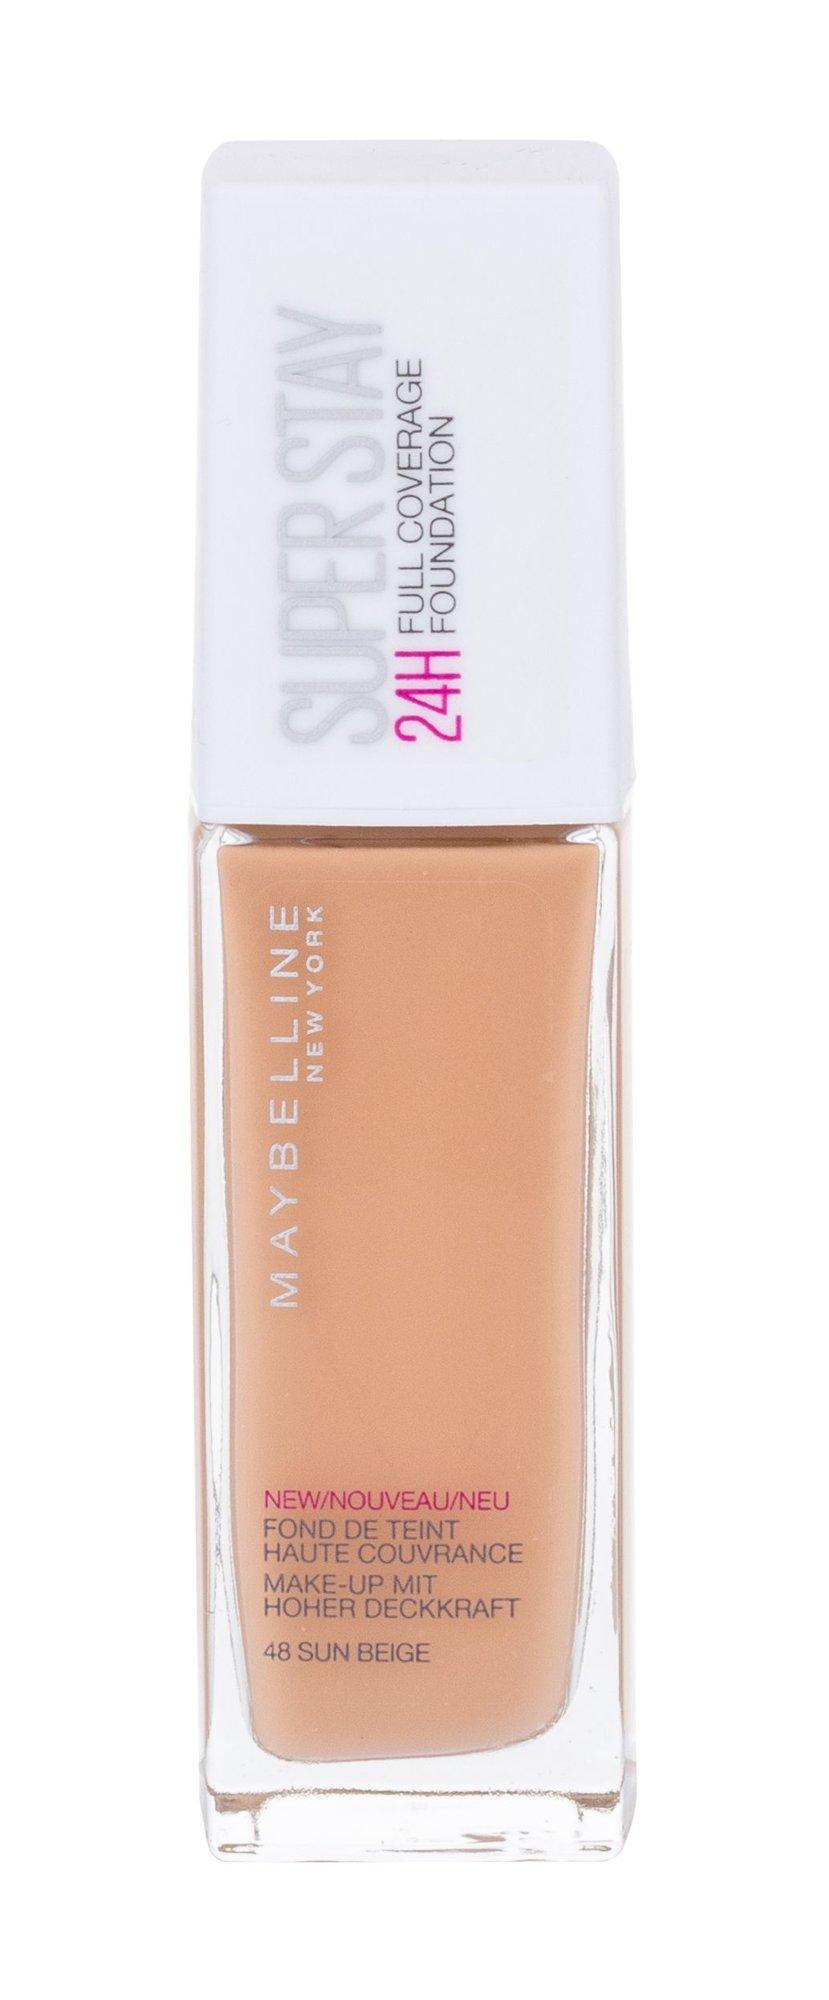 Maybelline Superstay Cosmetic 30ml 48 Sun Beige